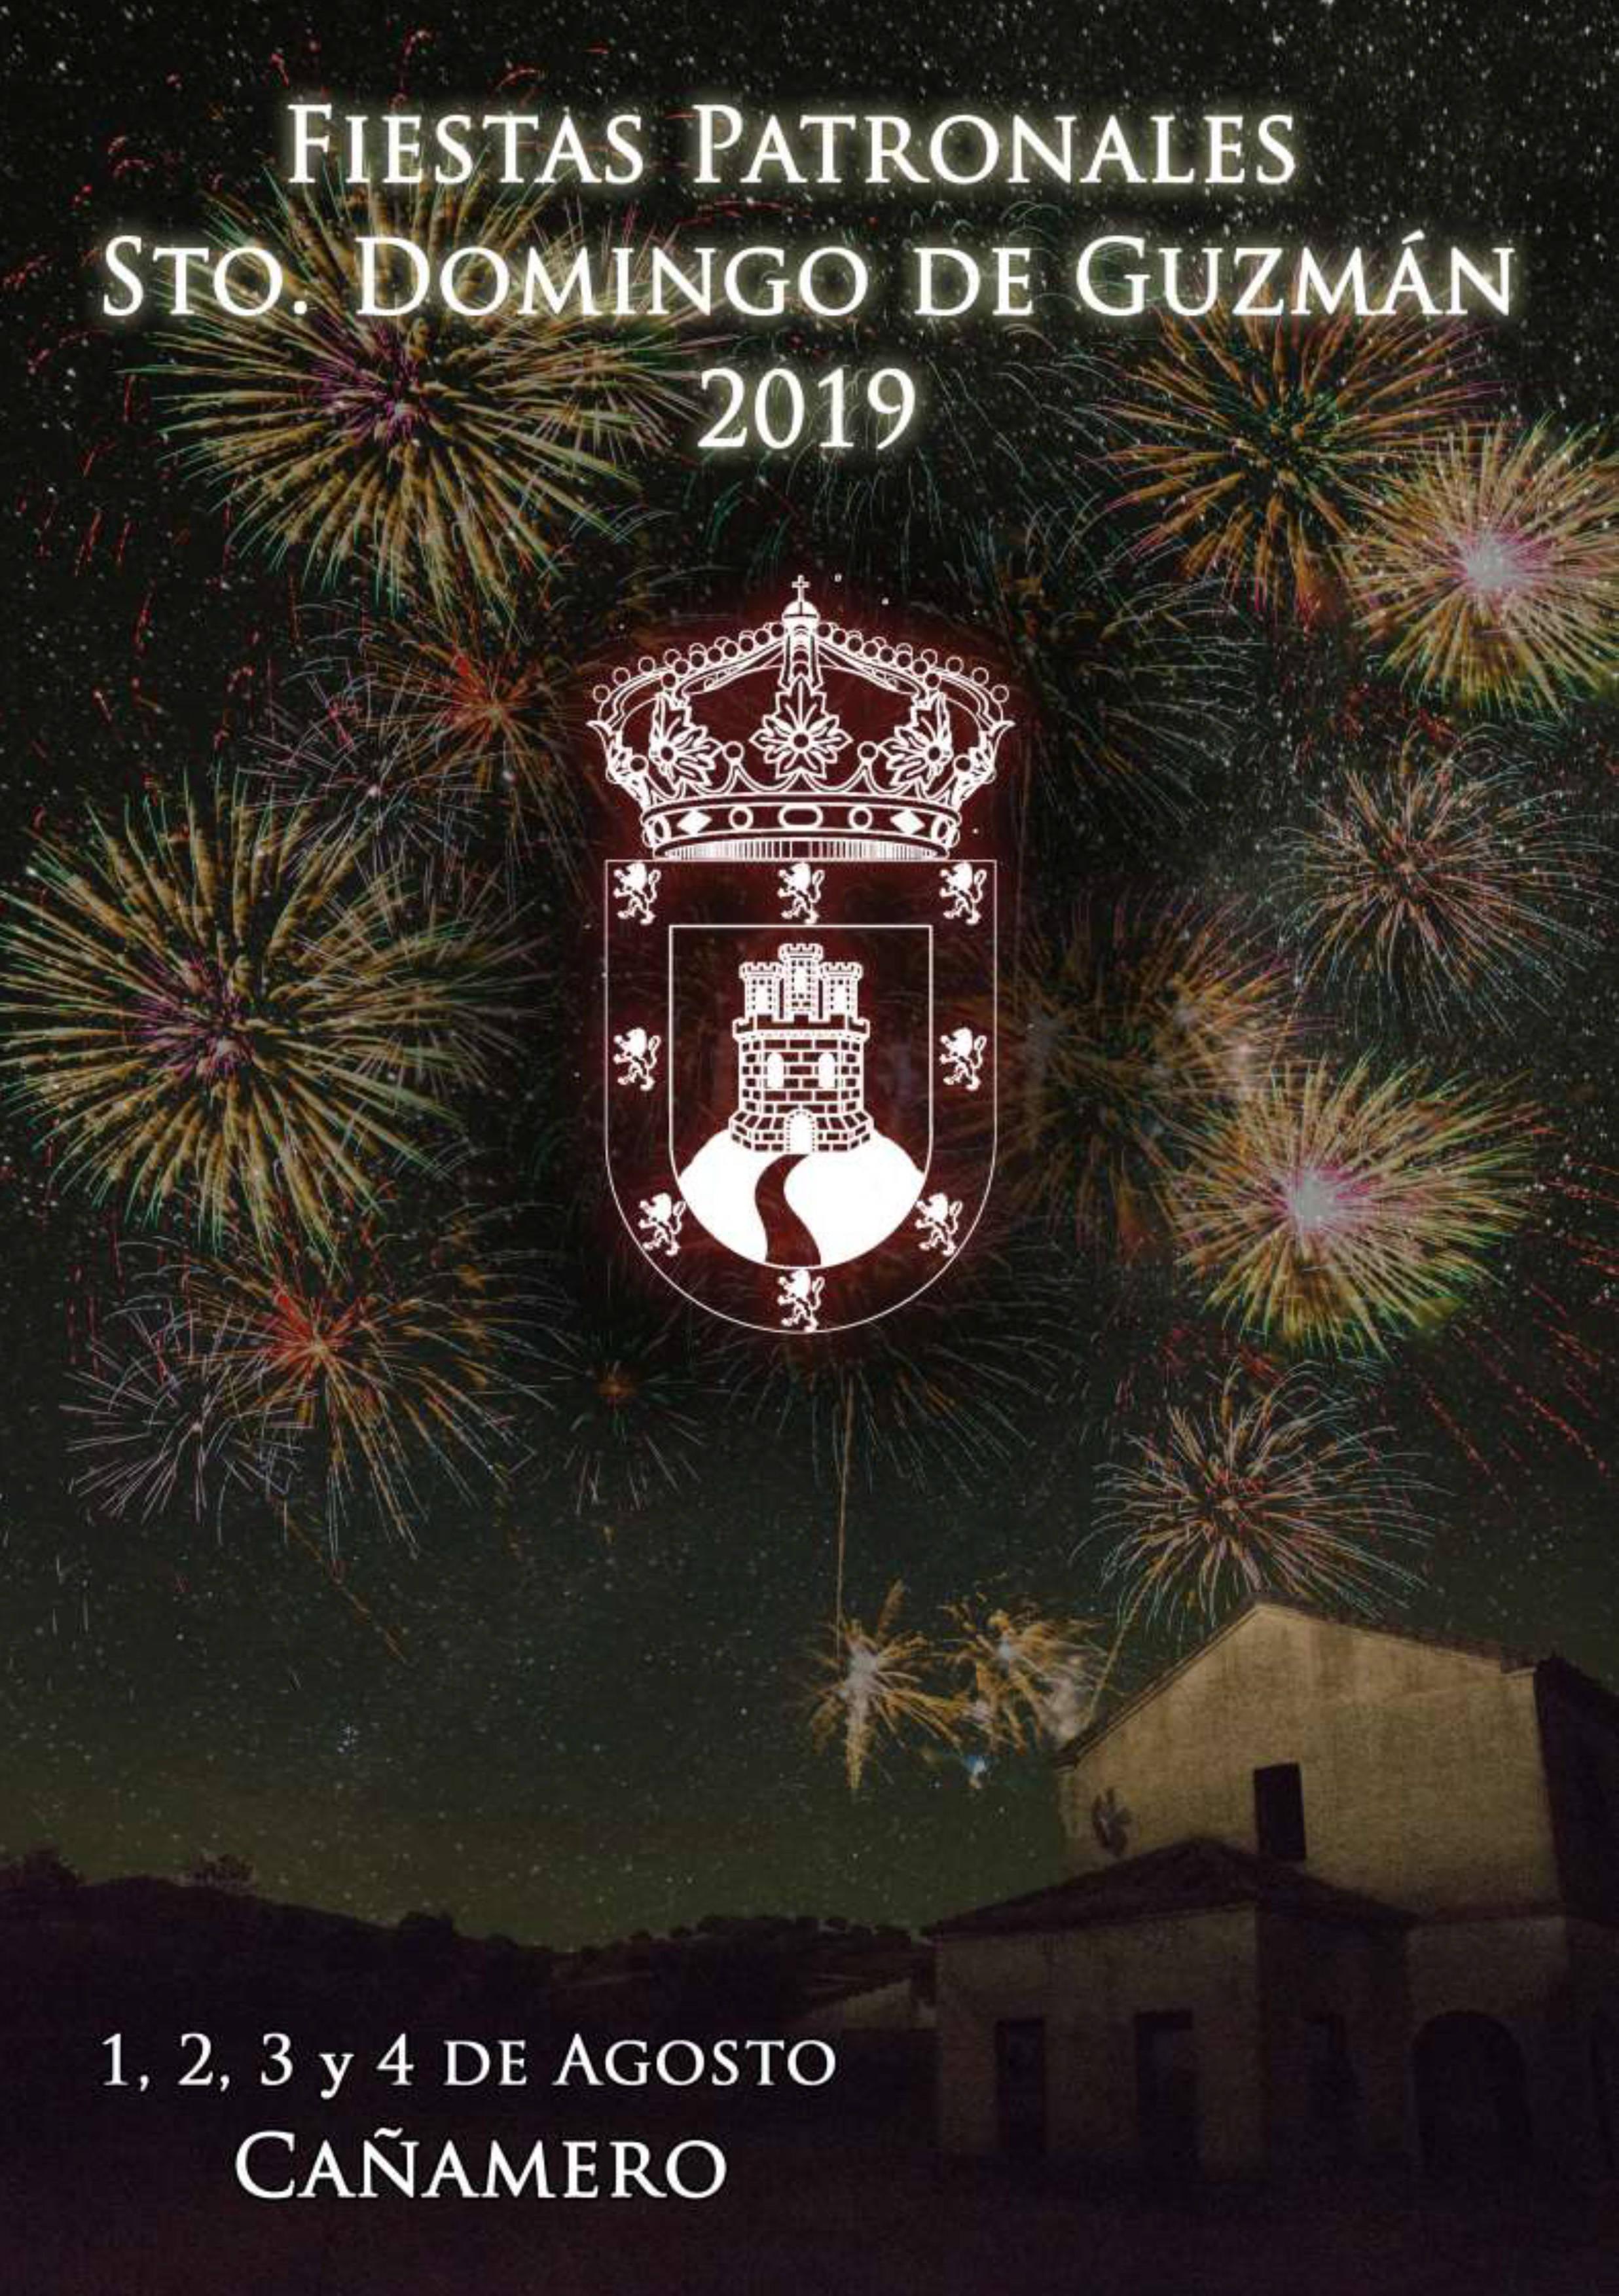 Programa de fiestas patronales 2019 - Cañamero (Cáceres) 1